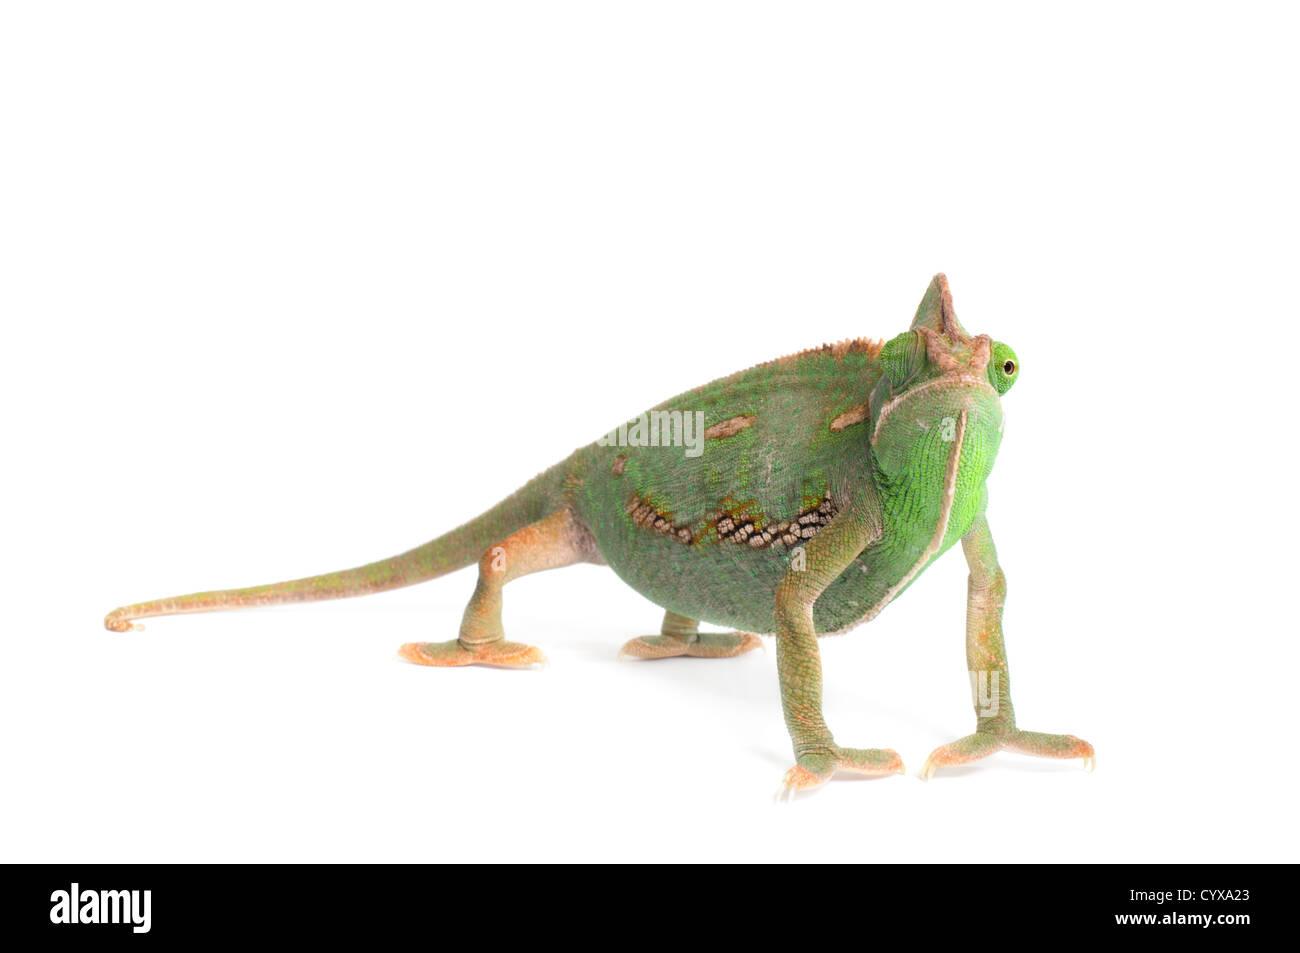 Veiled Chameleon (Chamaeleo calyptratus) on white background. - Stock Image